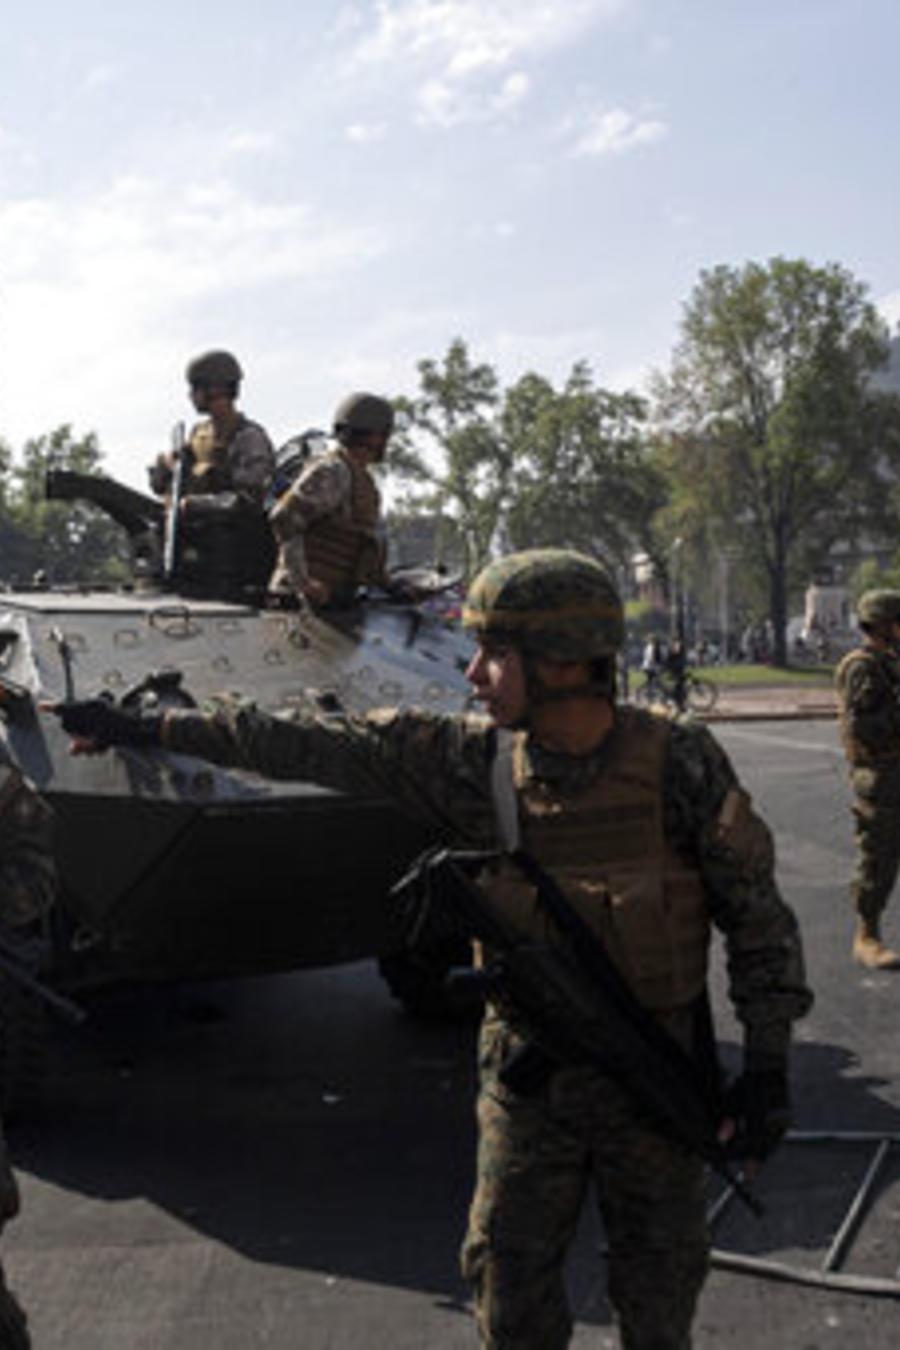 Una mujer muestra una foto de una persona desaparecida en la dictadura militar de Chile ante los soldados desplegados este sábado en la capital, Santiago.